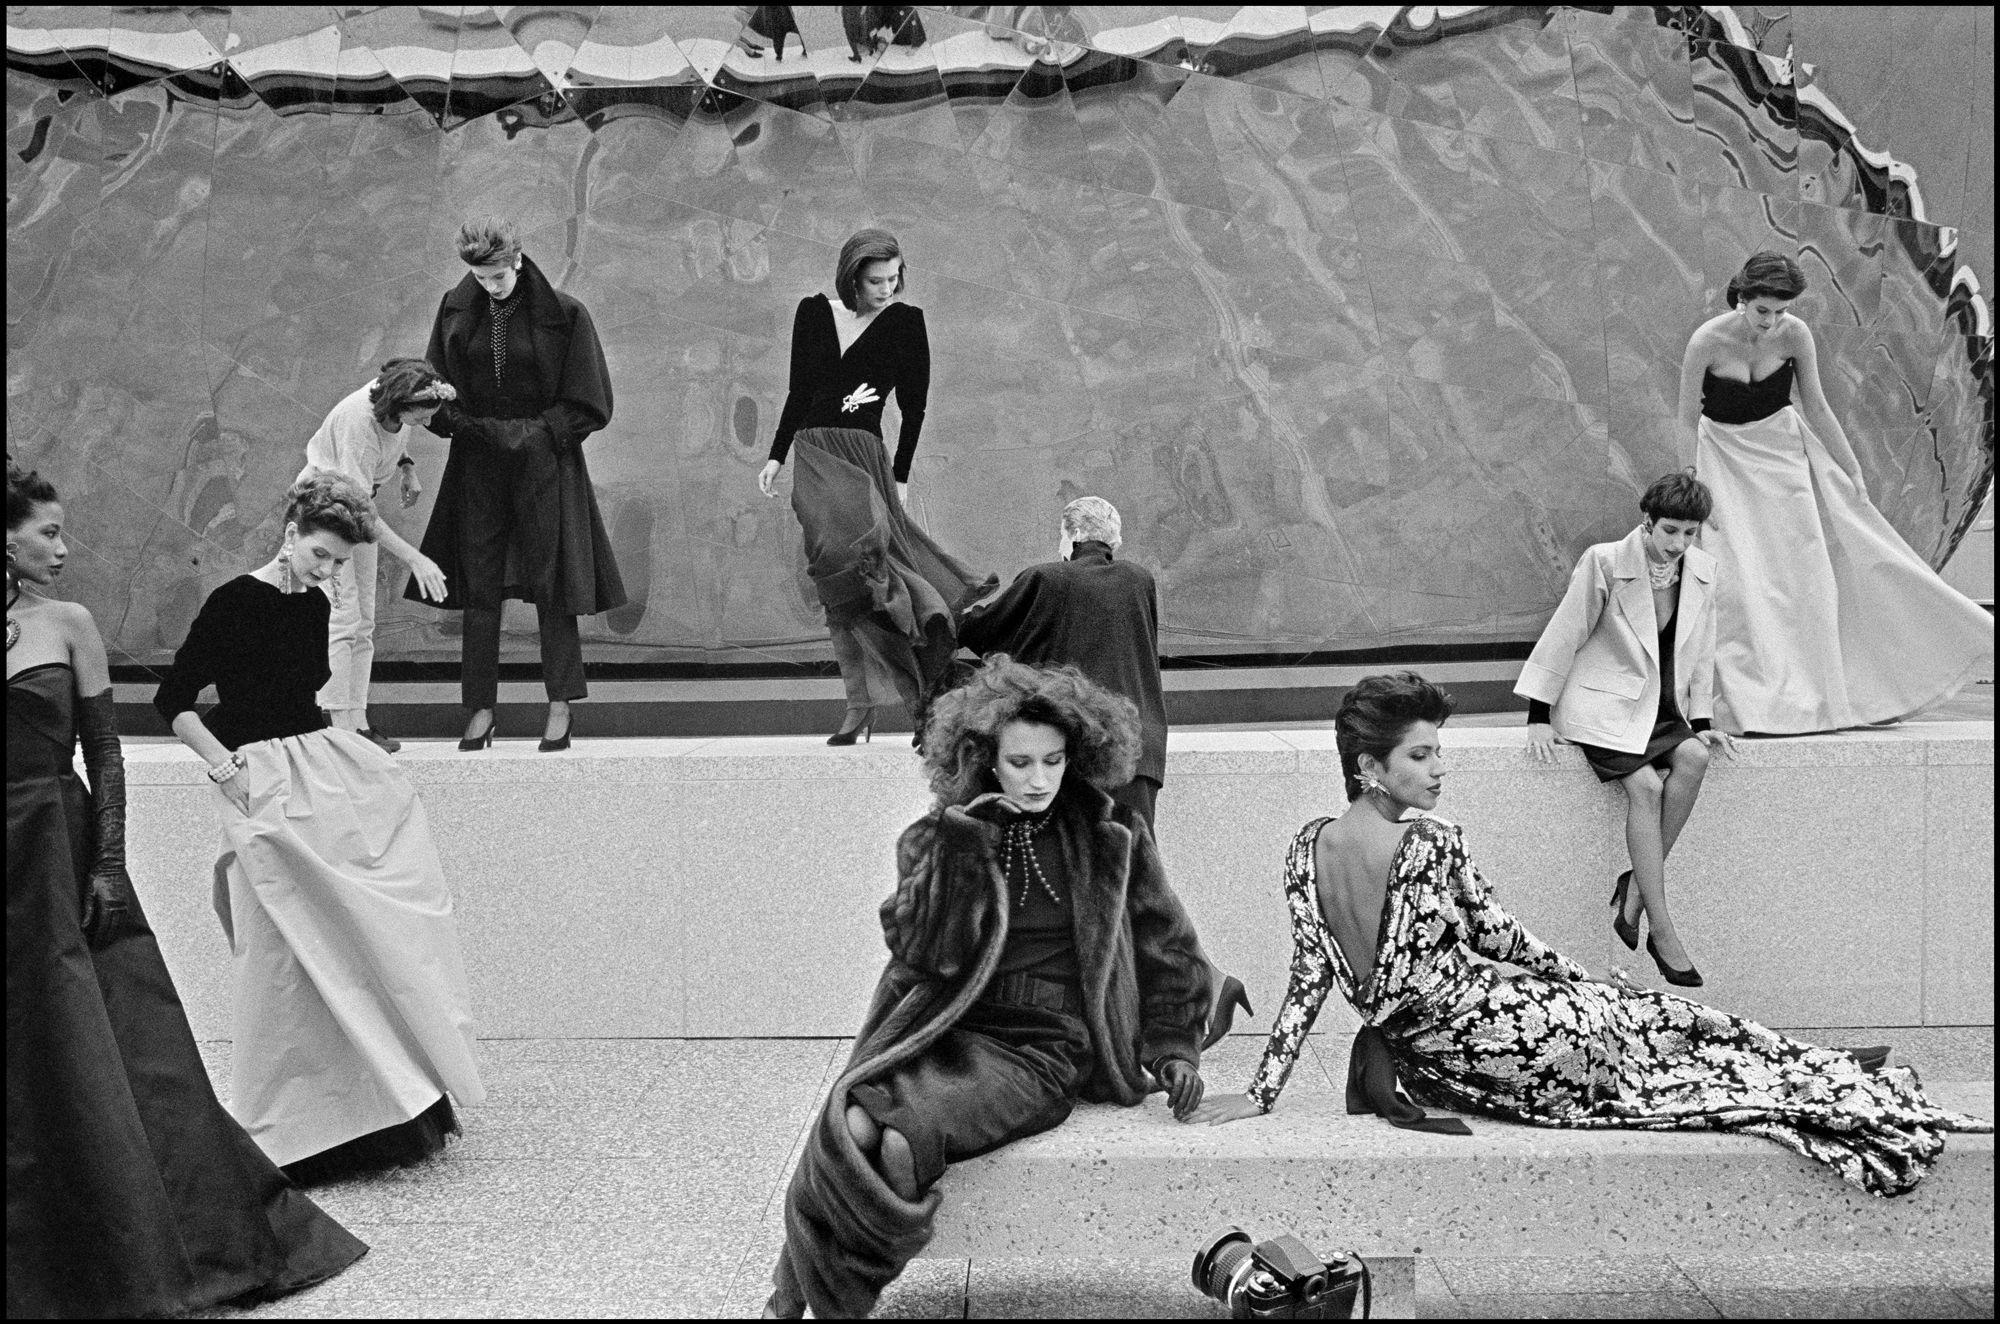 Servizio fotografico per Yves Saint Laurent al parc de la Villette a Parigi, nel 1985. - (Abbas, Magnum Photos)